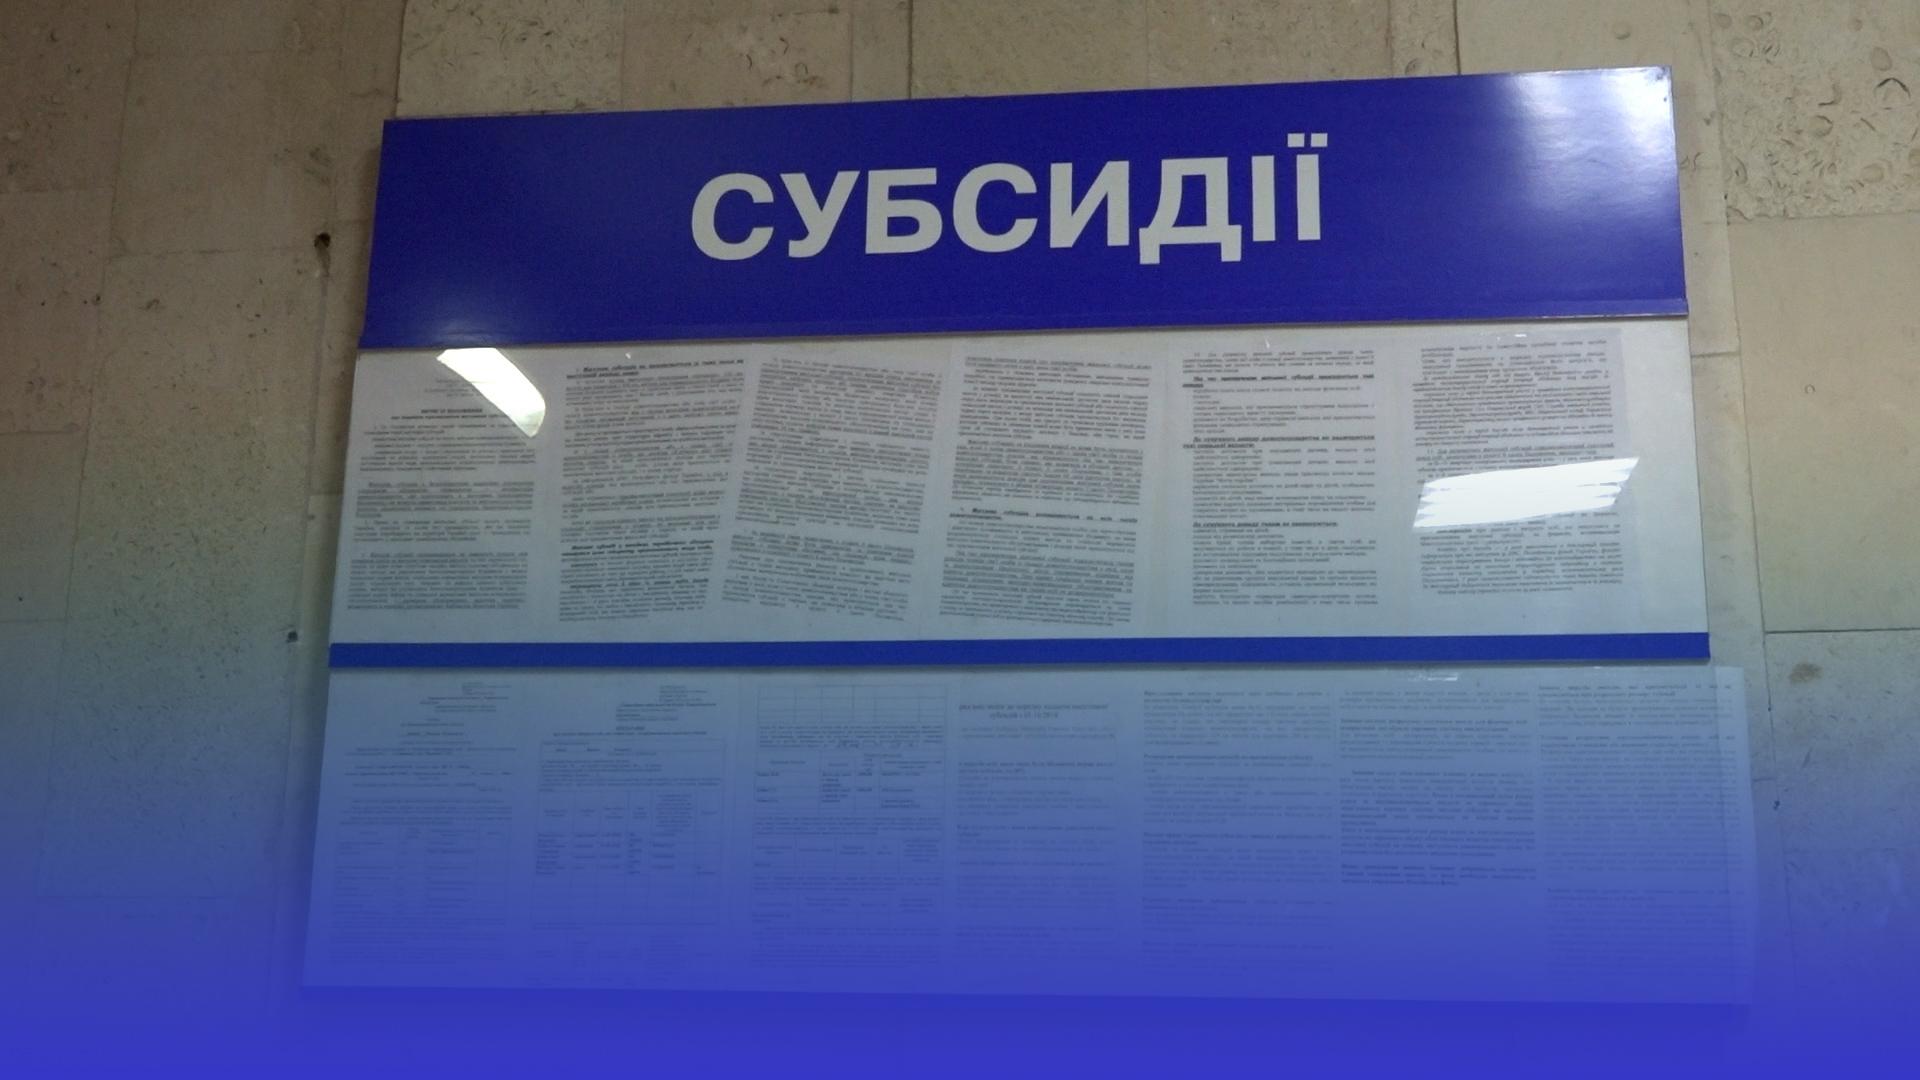 Нові правила отримання субсидій: які документи треба подати всім громадянам